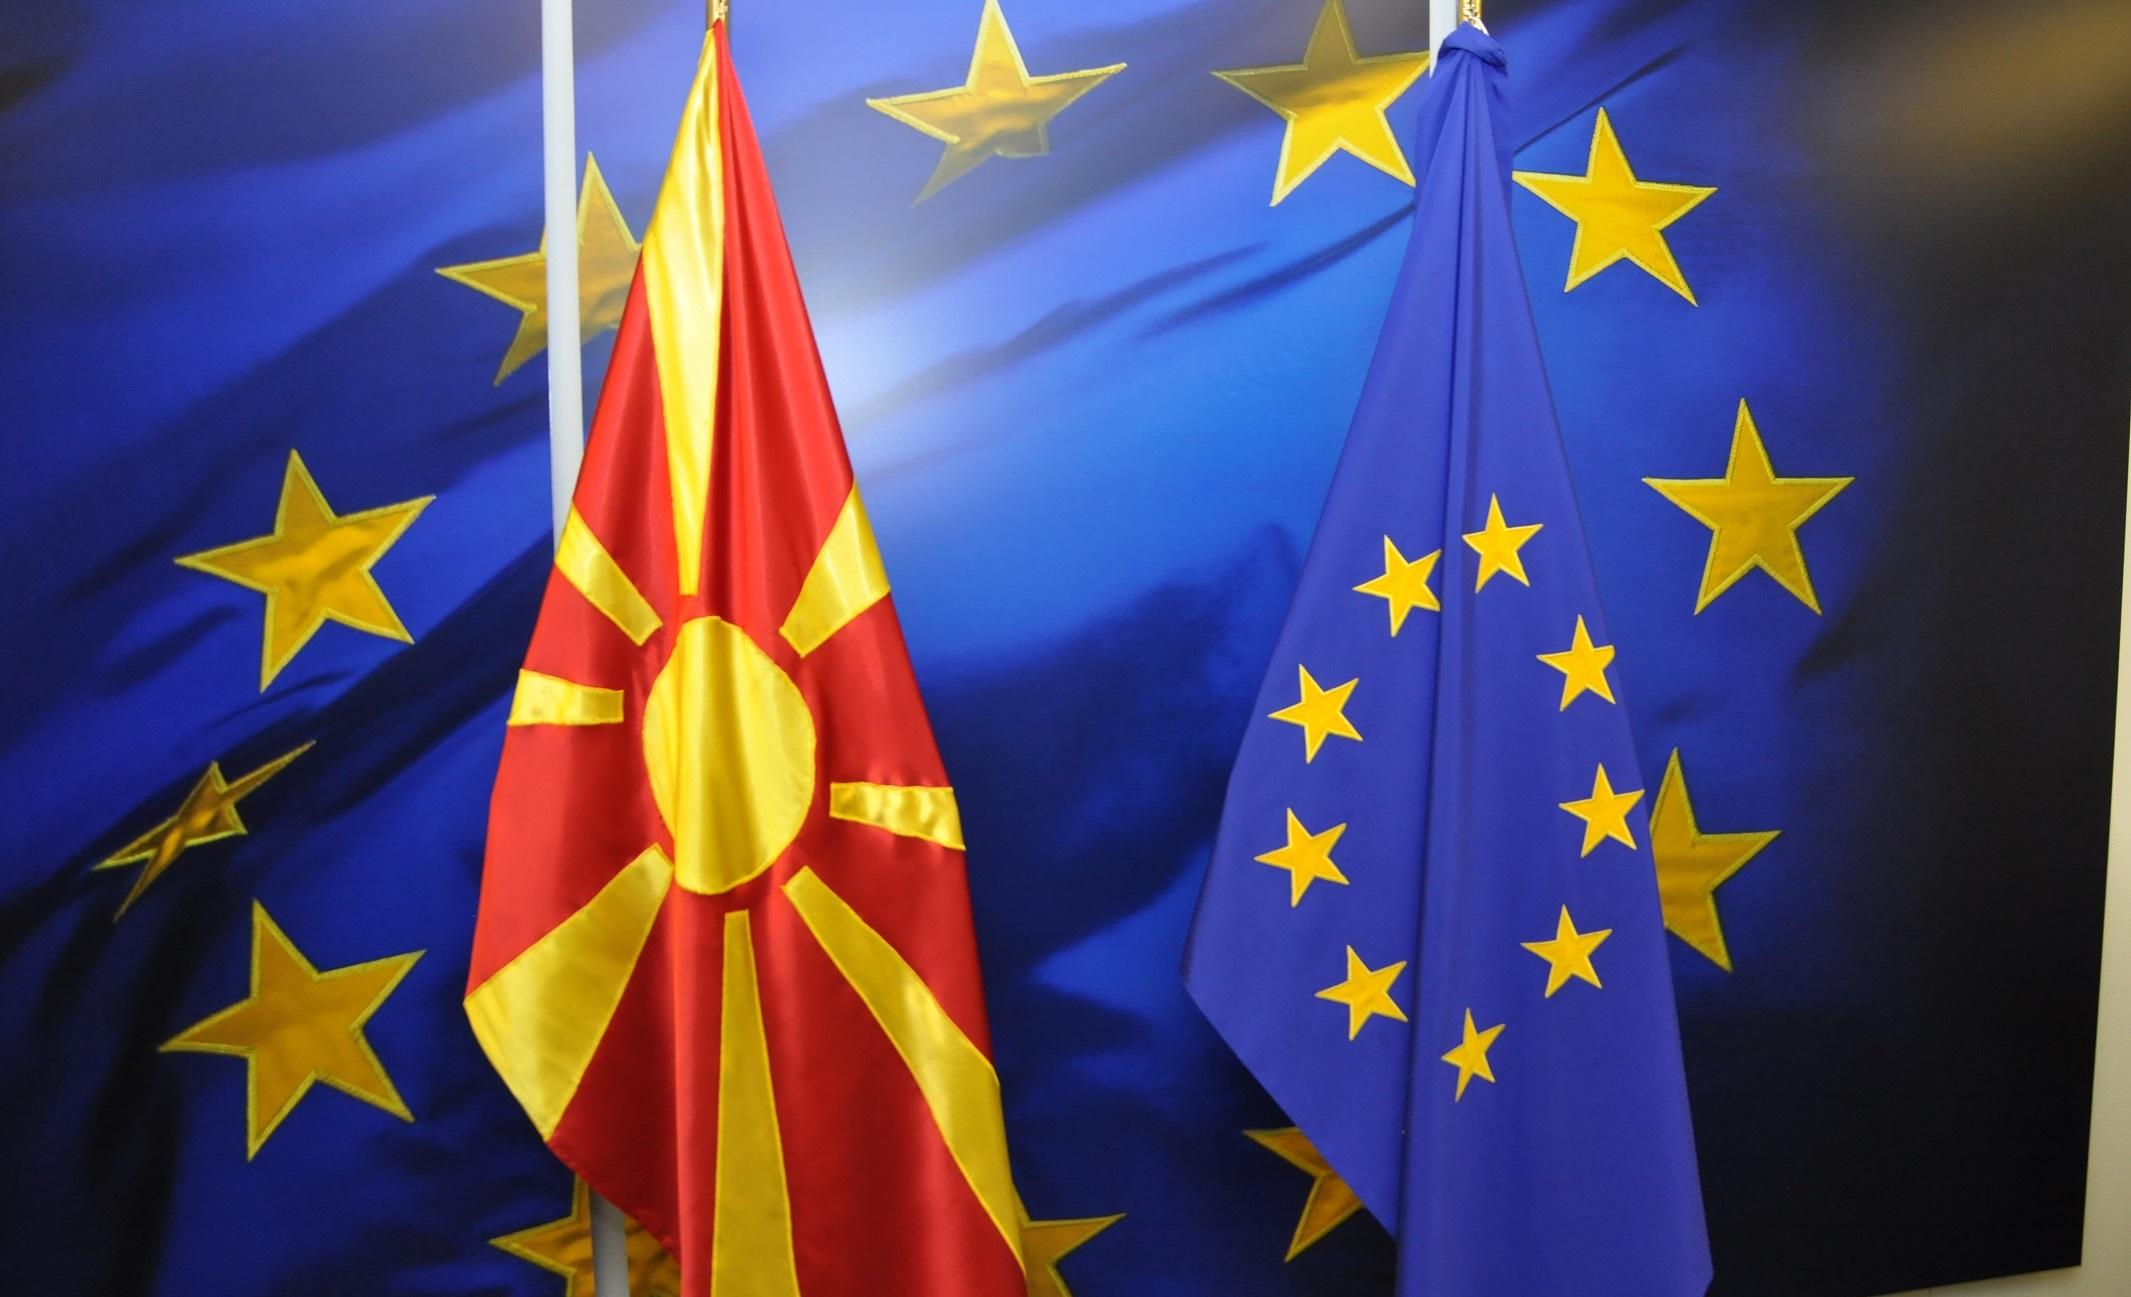 Ο Οκτώβριος σηματοδοτεί μια νέα ευκαιρία για τη Βόρεια Μακεδονία